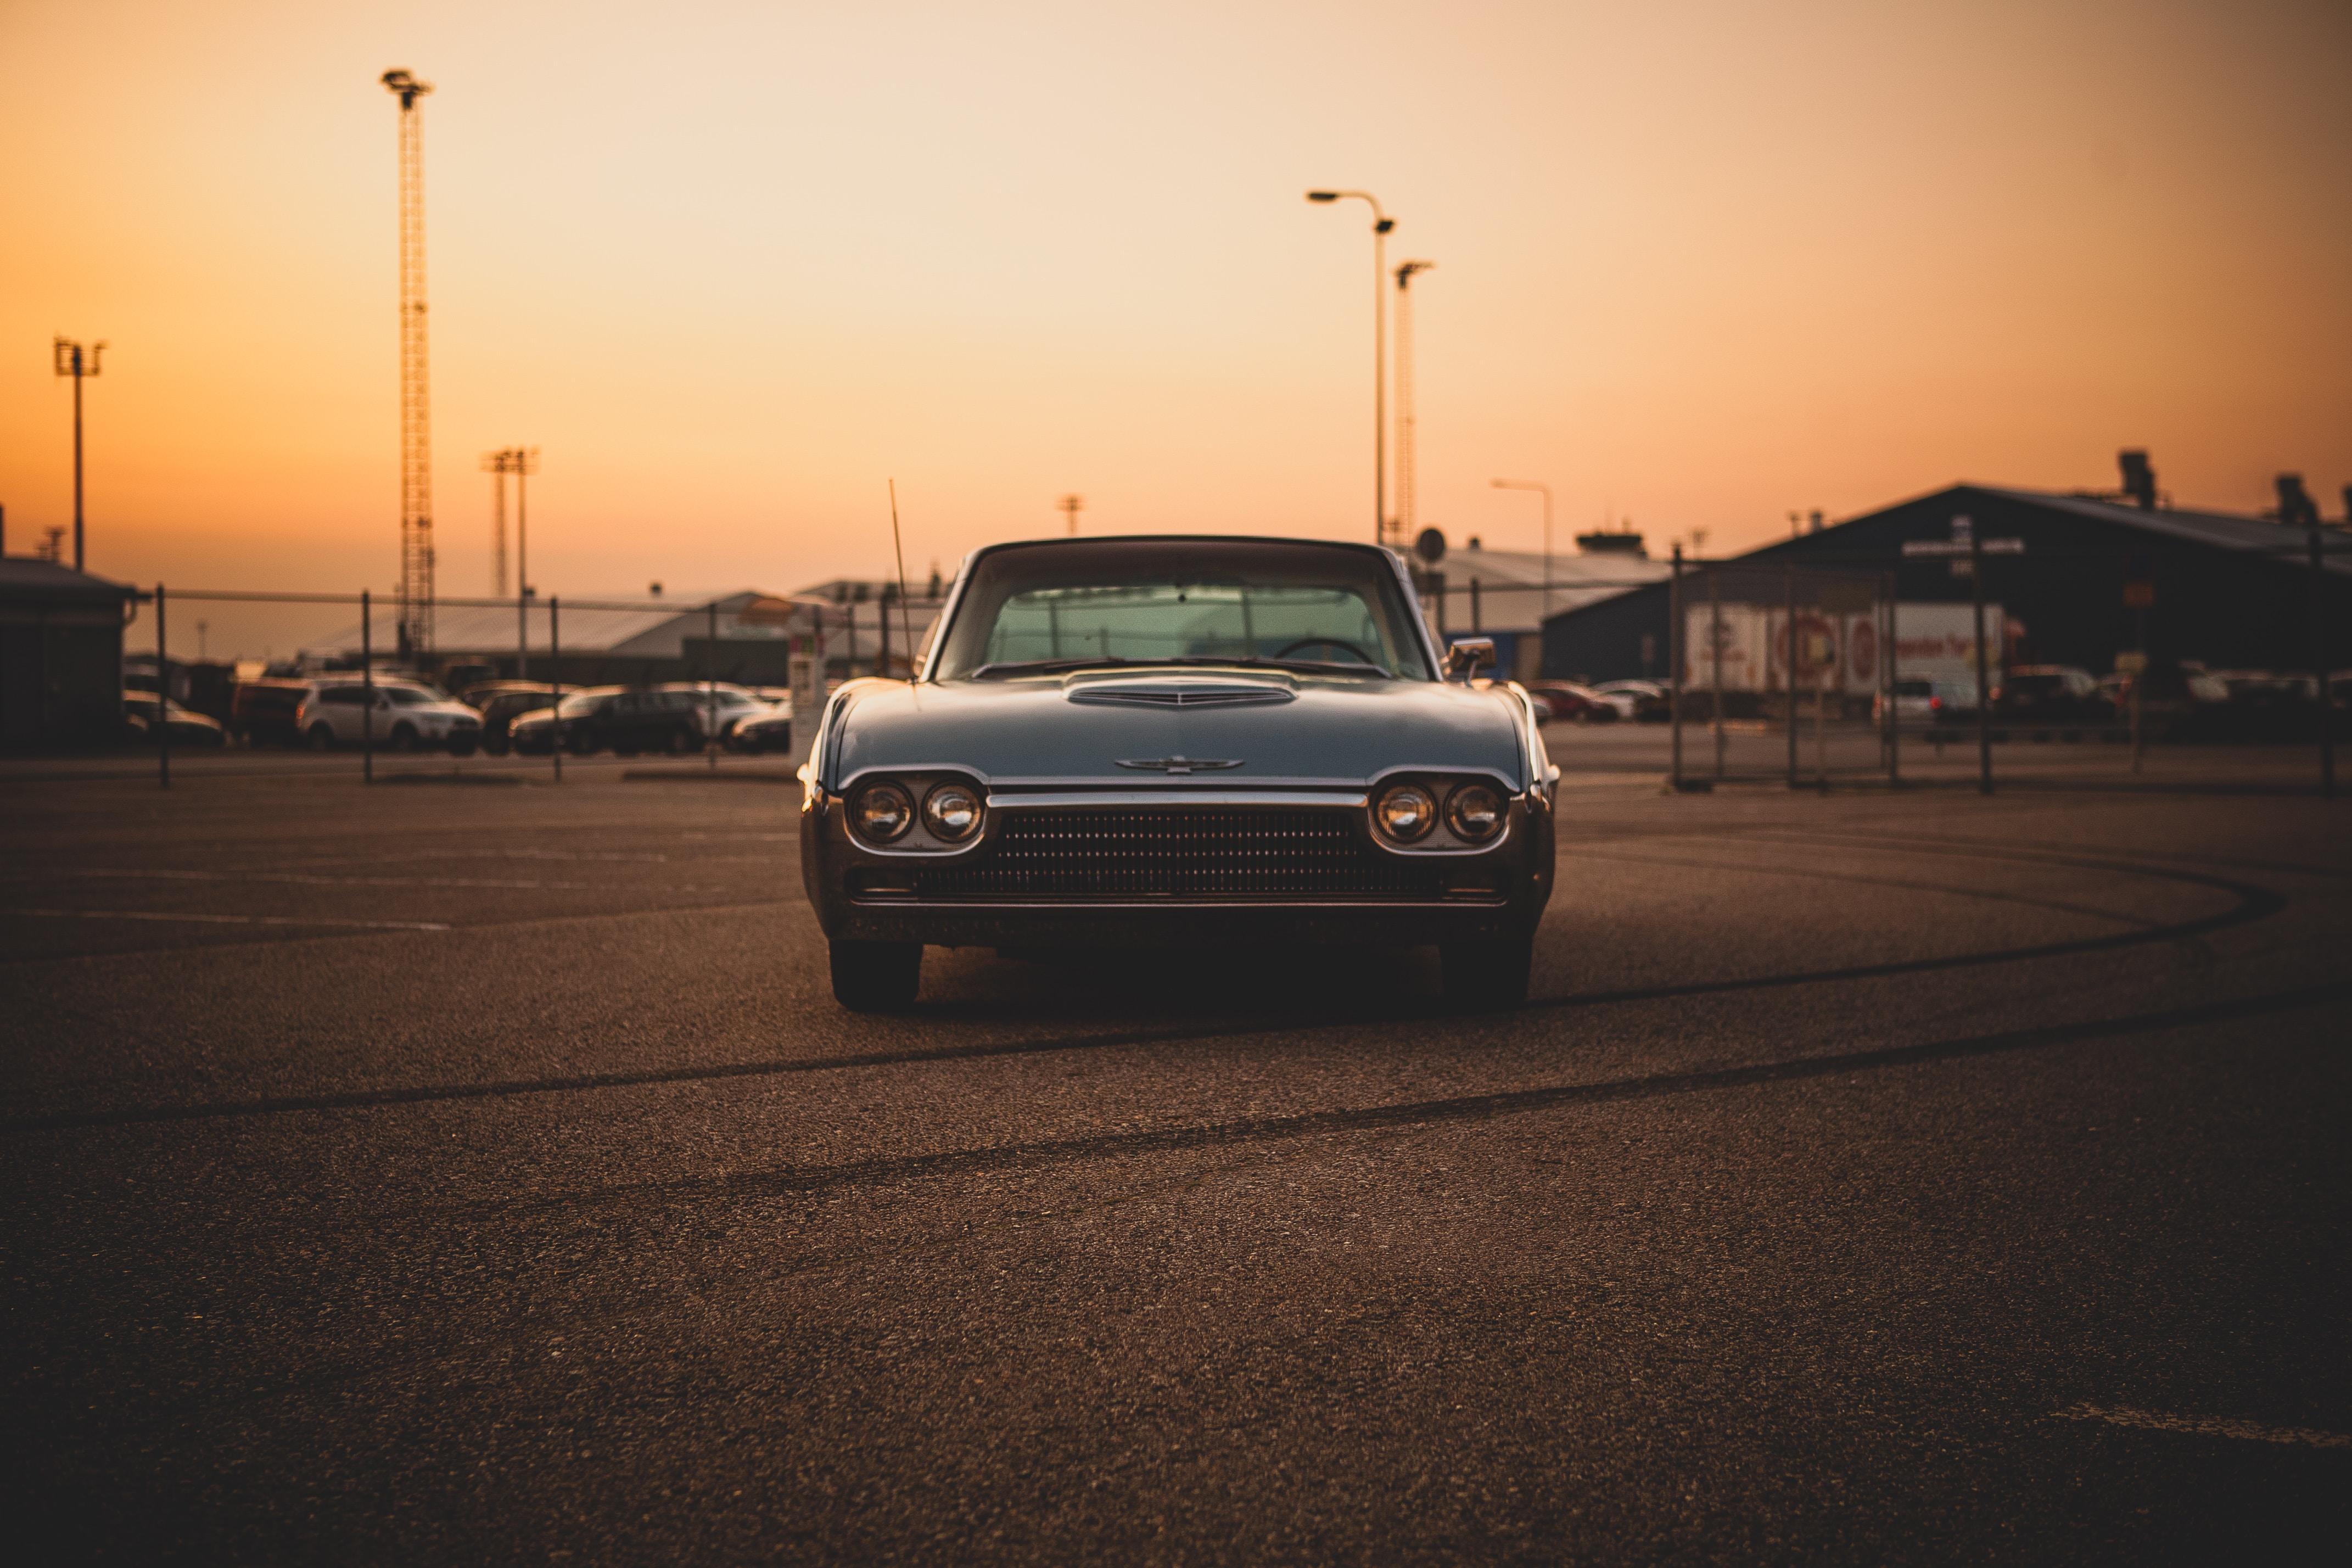 50459 Hintergrundbild herunterladen Ford, Auto, Cars, Vorderansicht, Frontansicht, Ford Thunderbird 63, Maschine, Alt, Jahrgang, Vintage - Bildschirmschoner und Bilder kostenlos